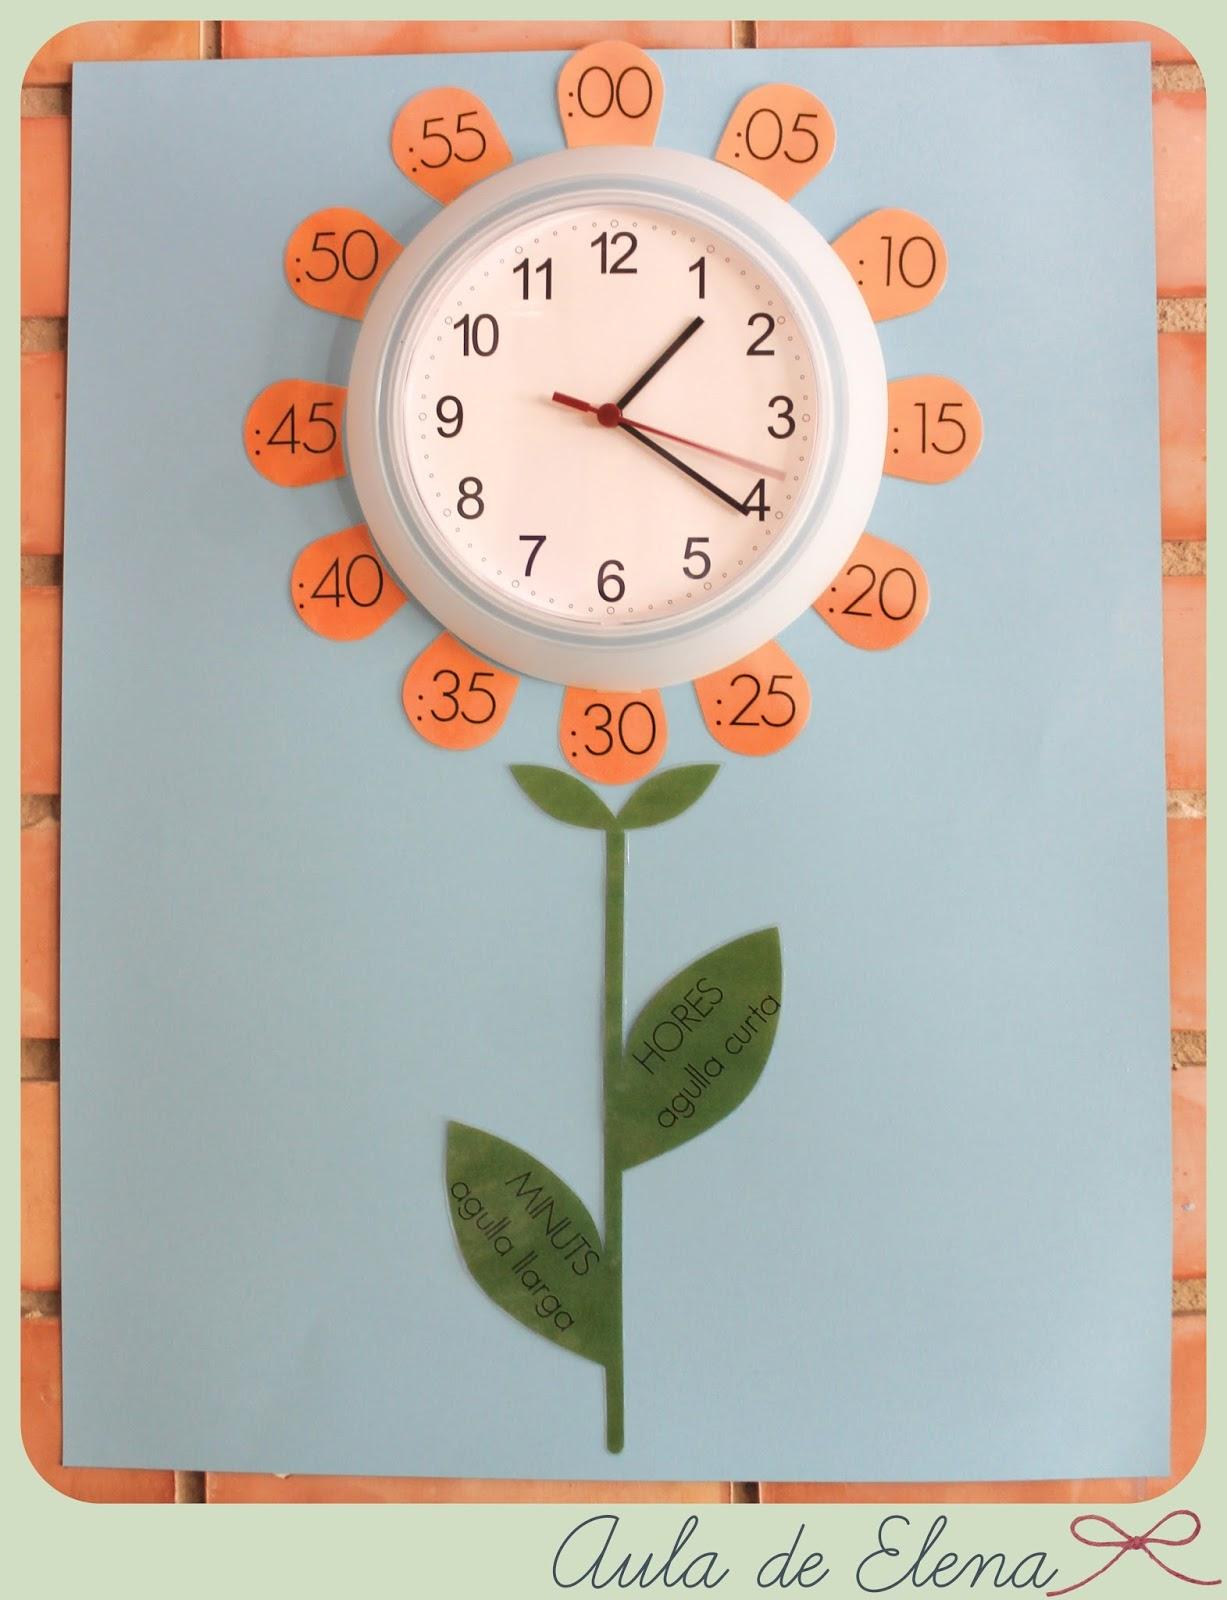 Decoraci n para el reloj del aula aula de elena - Relojes de pared originales decoracion ...